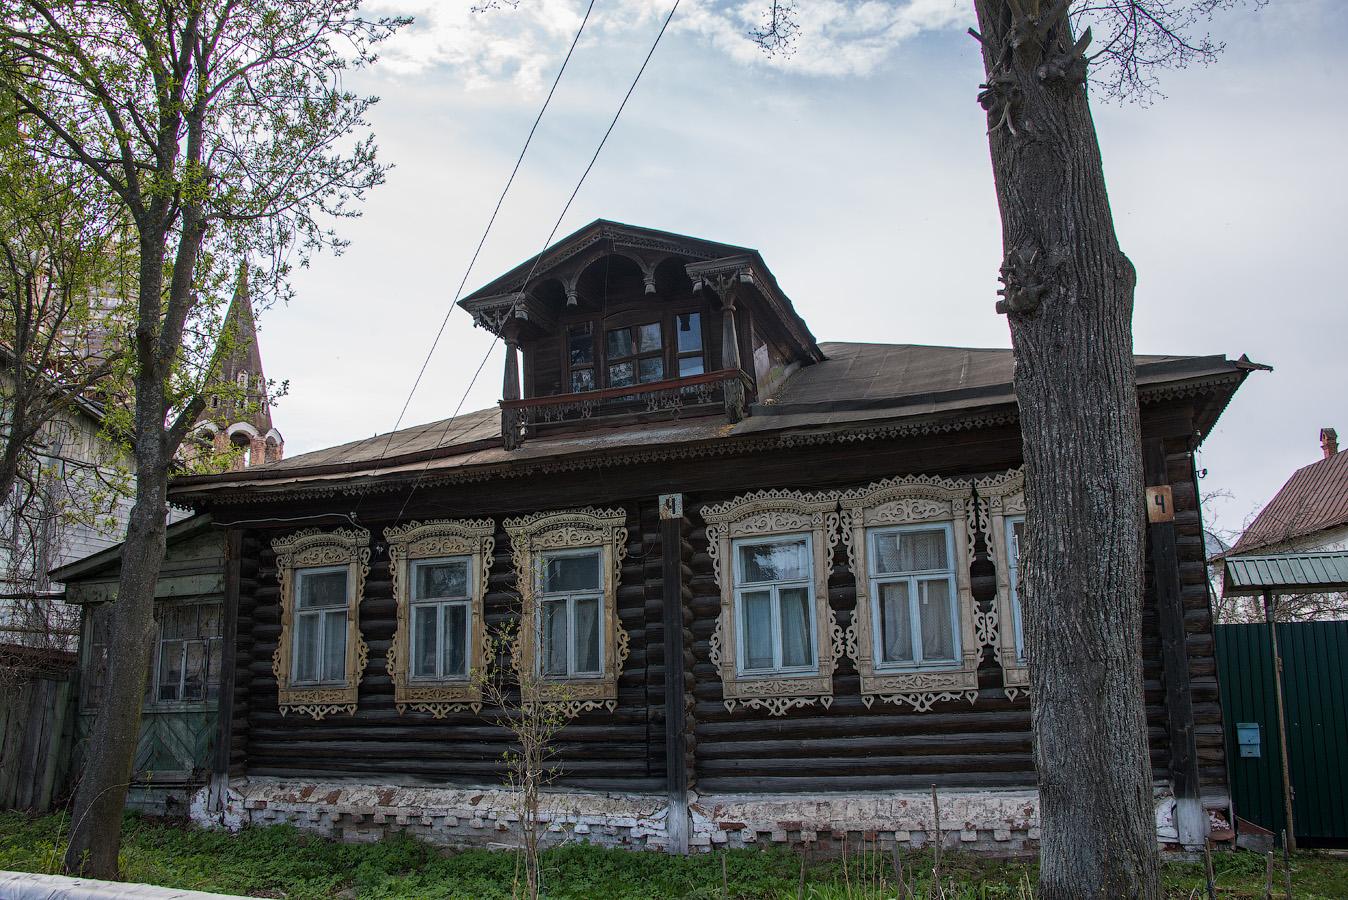 Гороховец и Флорищева пустынь: поездка выходного дня. Май 2018.